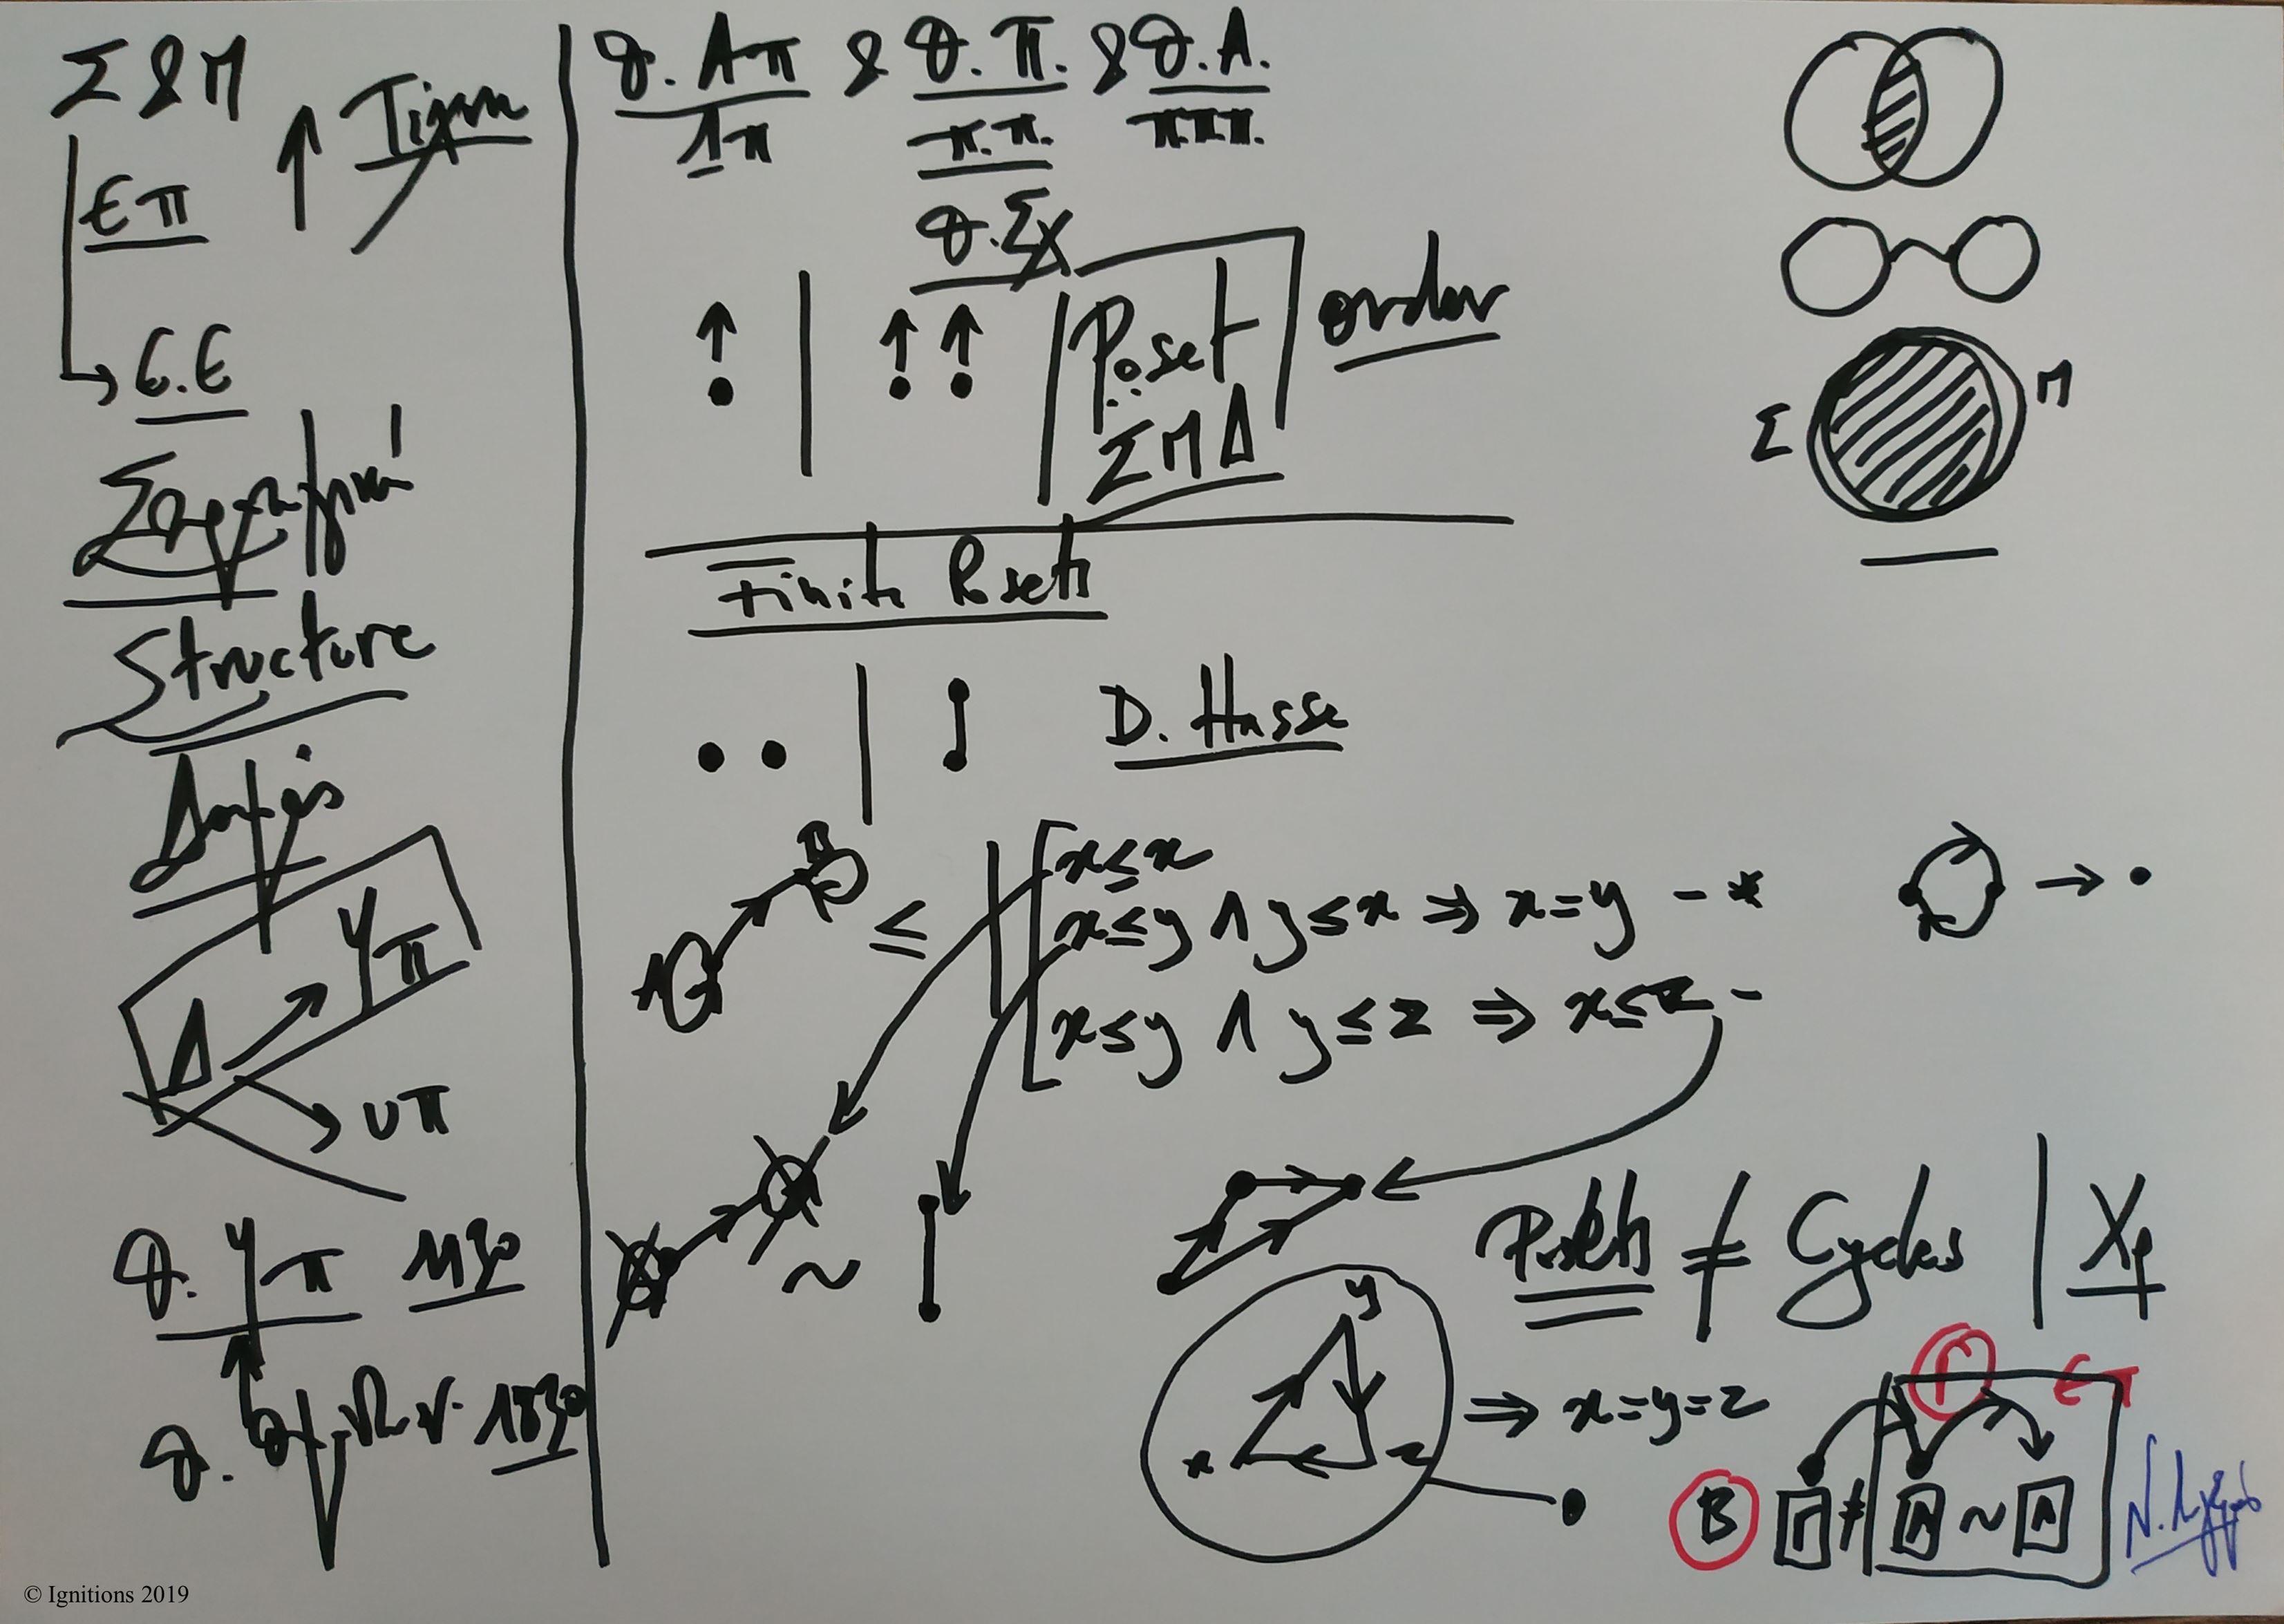 Στρατηγική, Μαθηματικά και Εφαρμογές I. (Dessin)